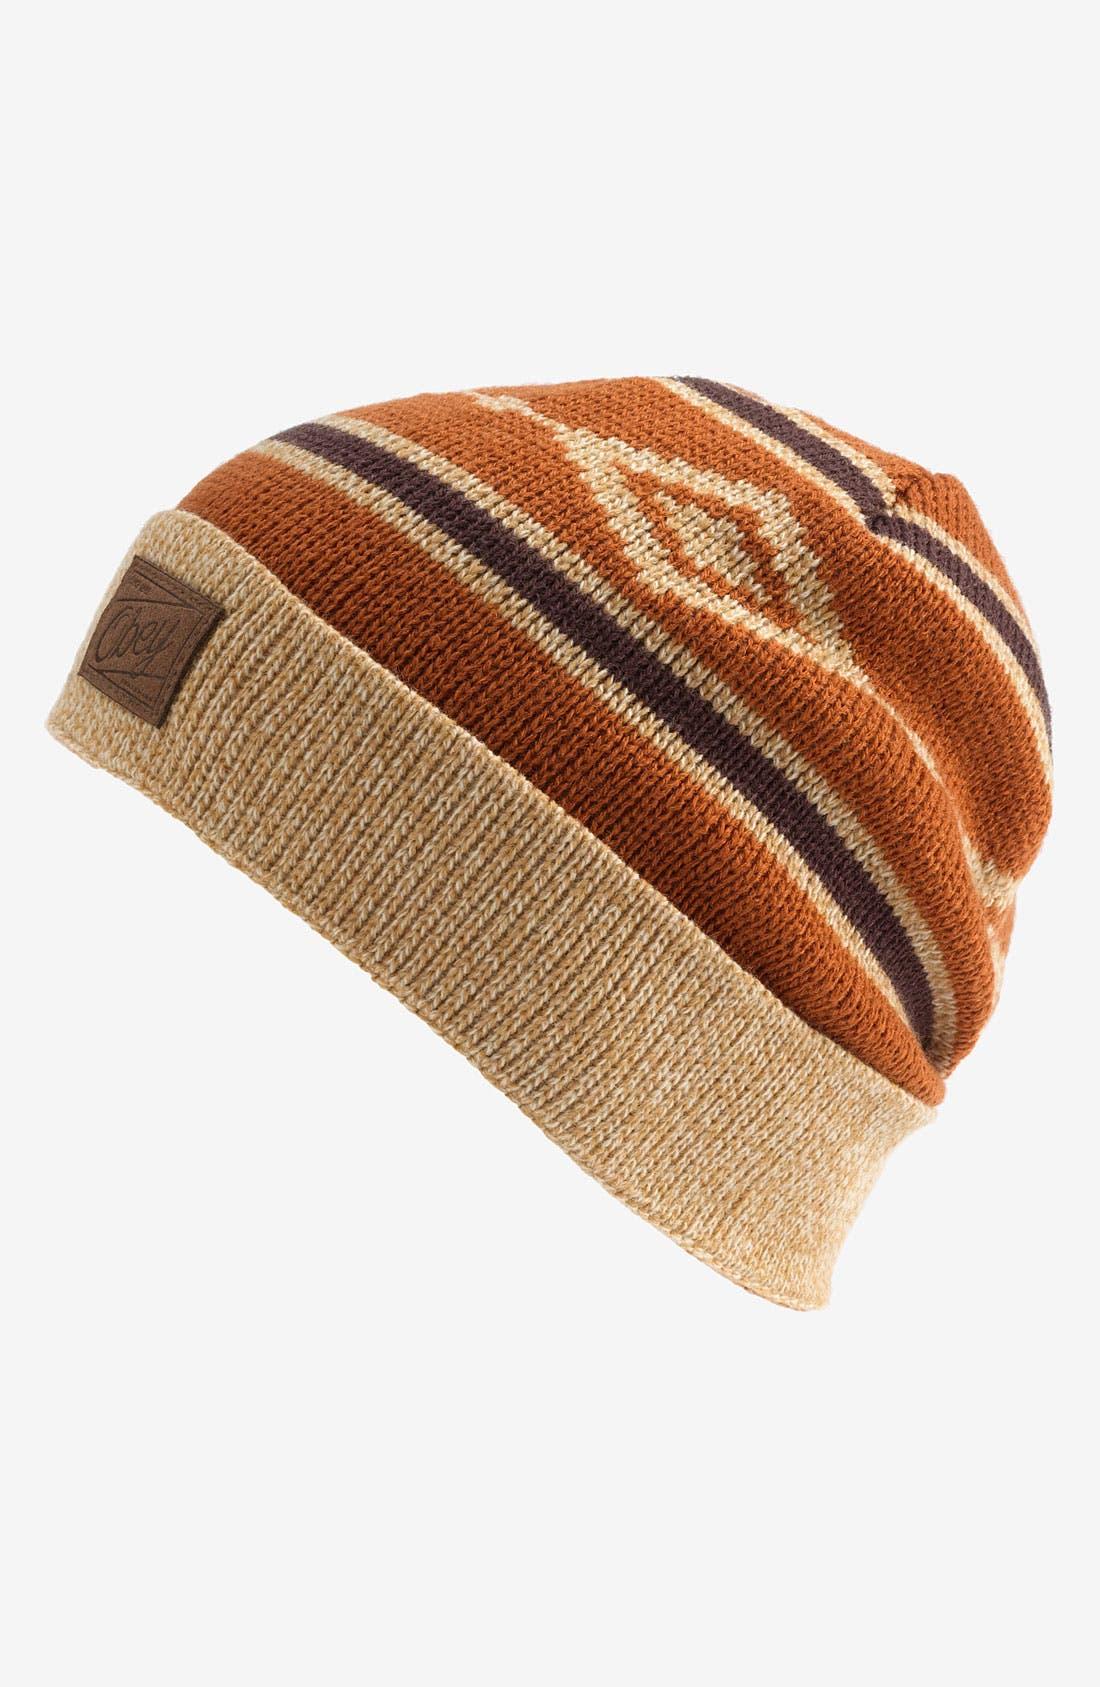 Main Image - Obey 'Aztec' Knit Cap